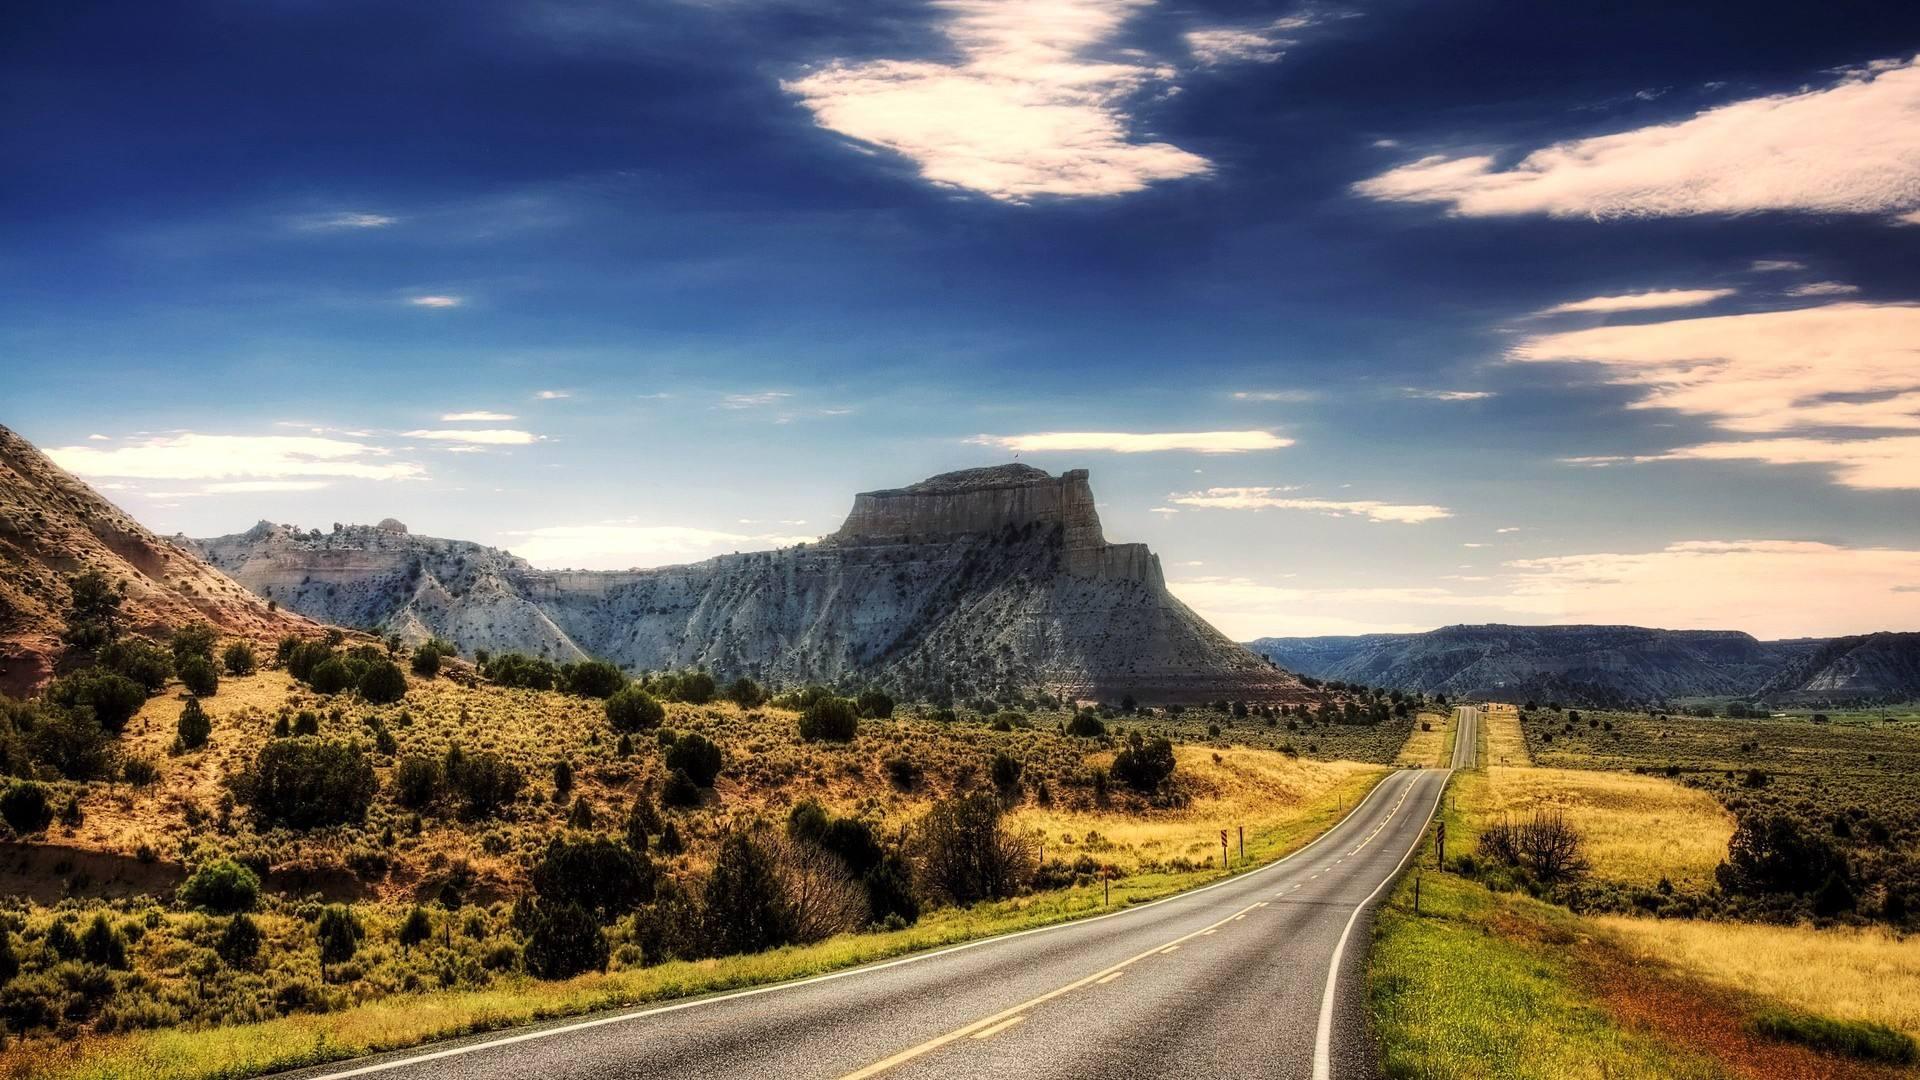 神奇的自然风景图片精选